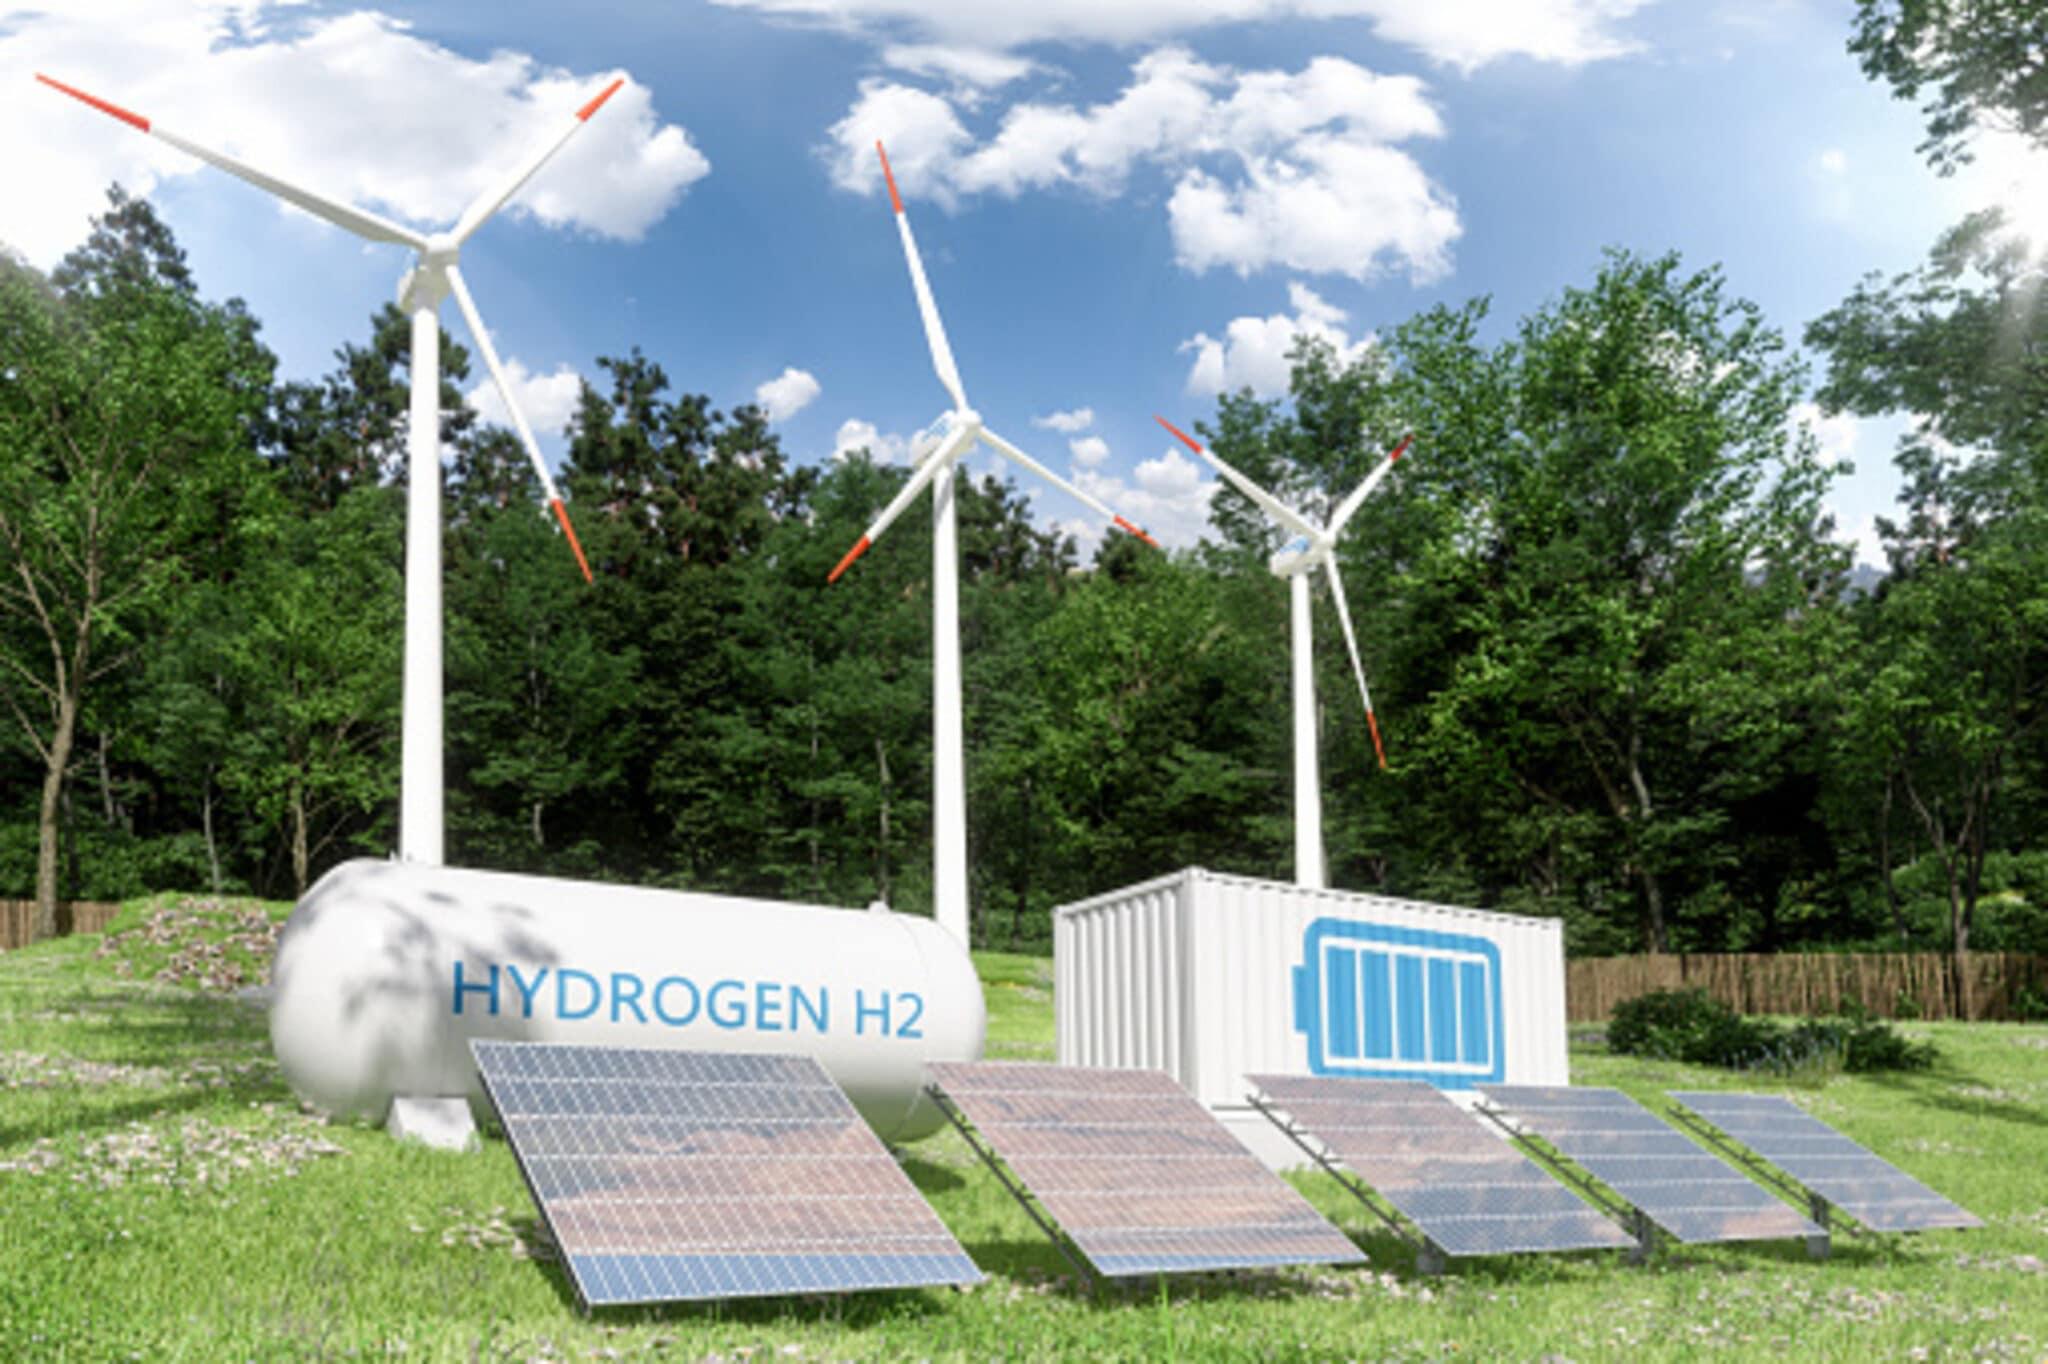 GICO, progetto, ENEA, Europa, idrogeno, emissioni, transizione, decarbonizzazione, sostenibilità, green, ambiente, biocombustibili, trasporti, rinnovabili, energia elettrica, tecnologie, Energy Close-up Engineering